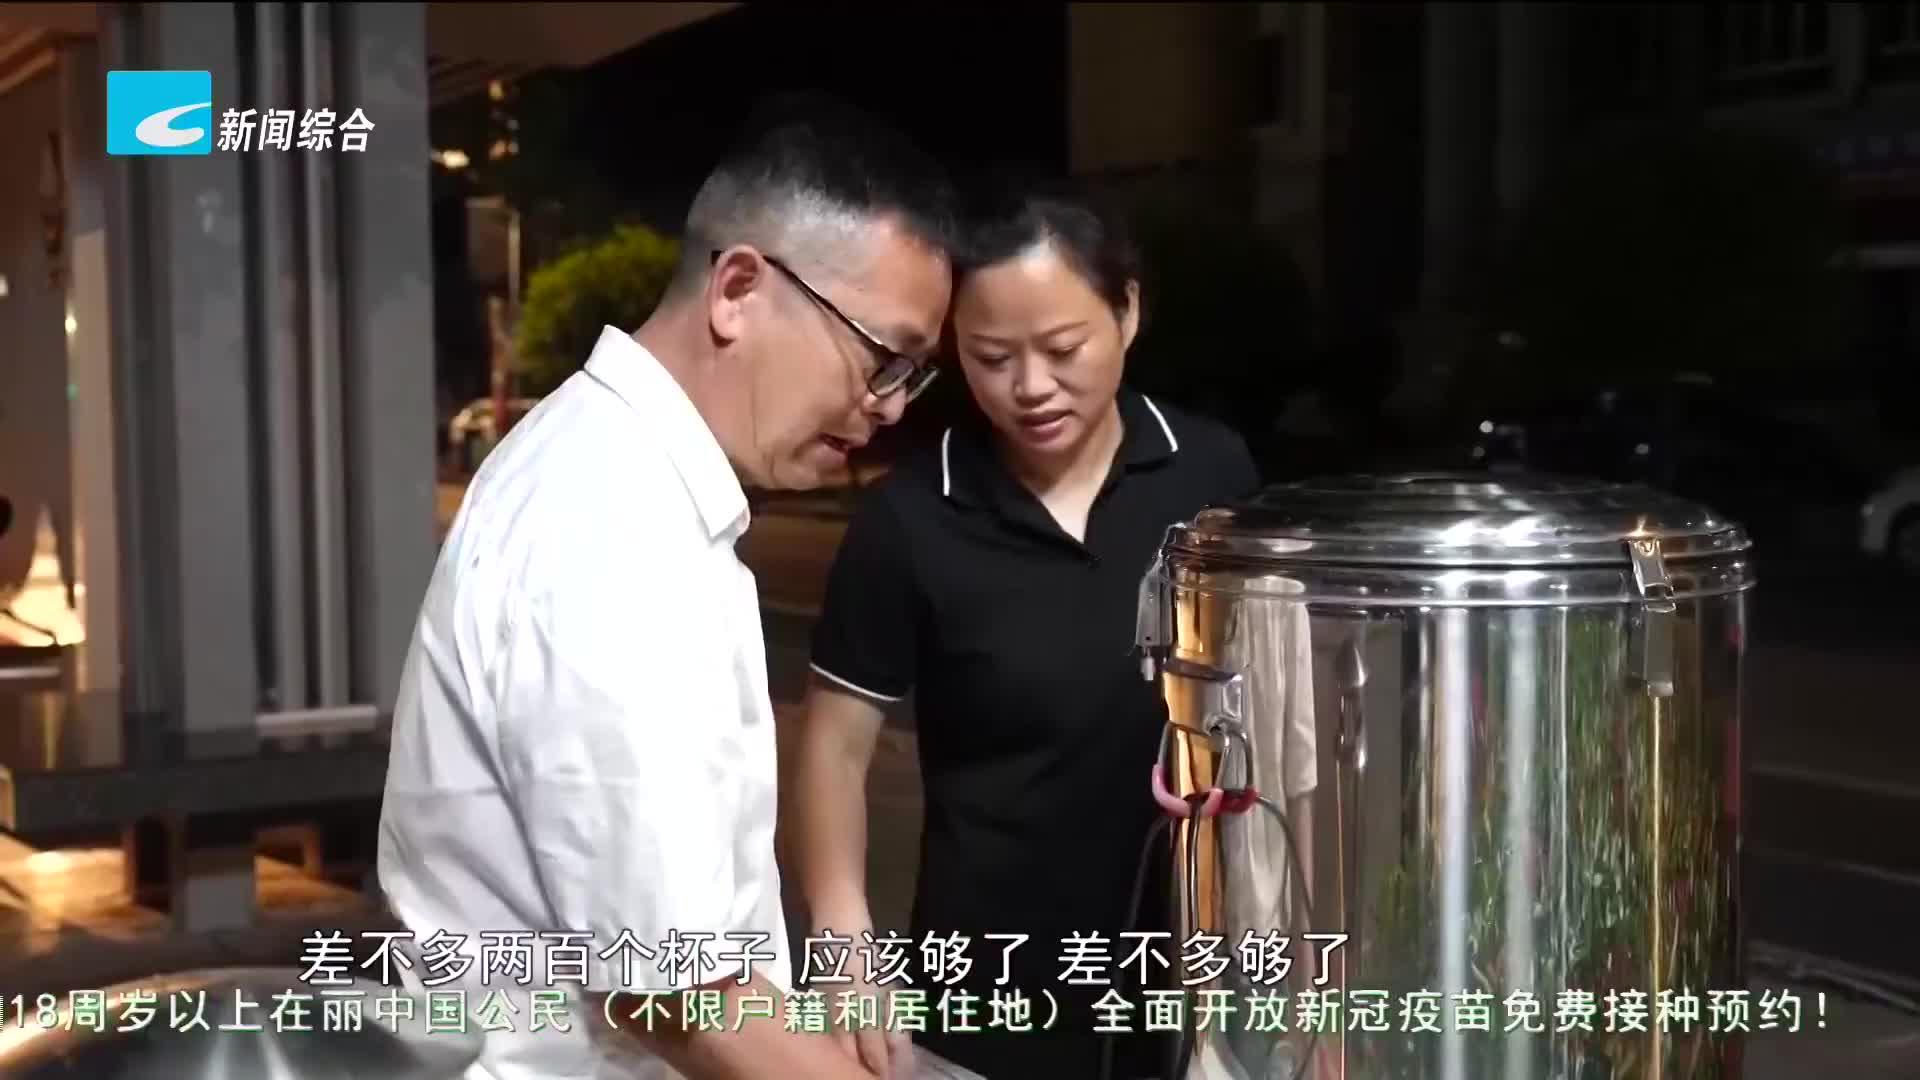 践行社会主义核心价值观:云和:免费提供茶水两年多 爱心在行善间传递